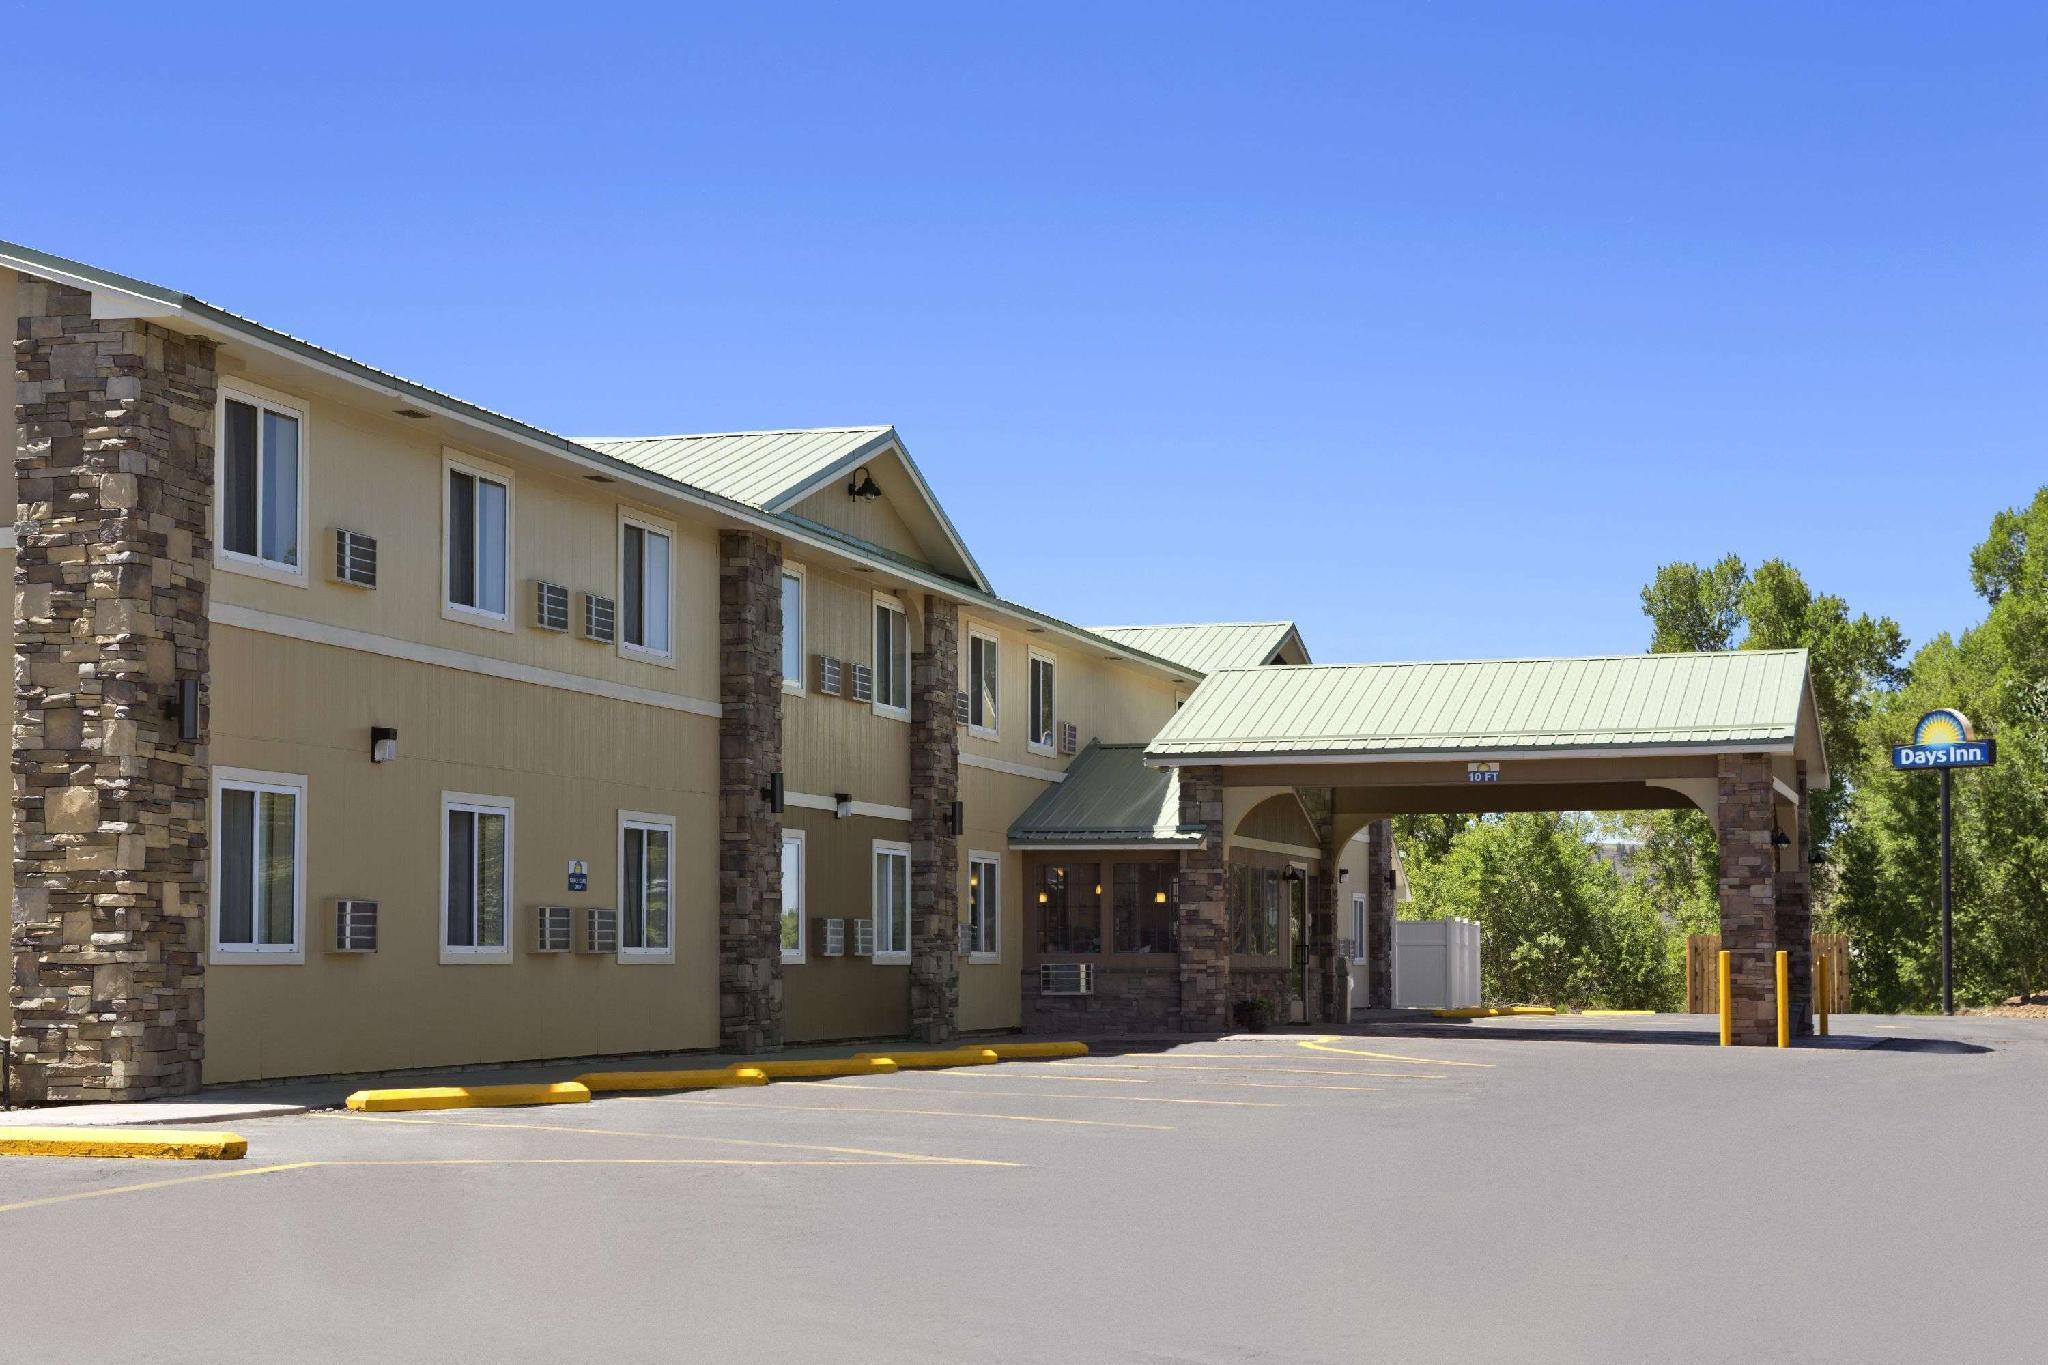 Days Inn And Suites By Wyndham Gunnison